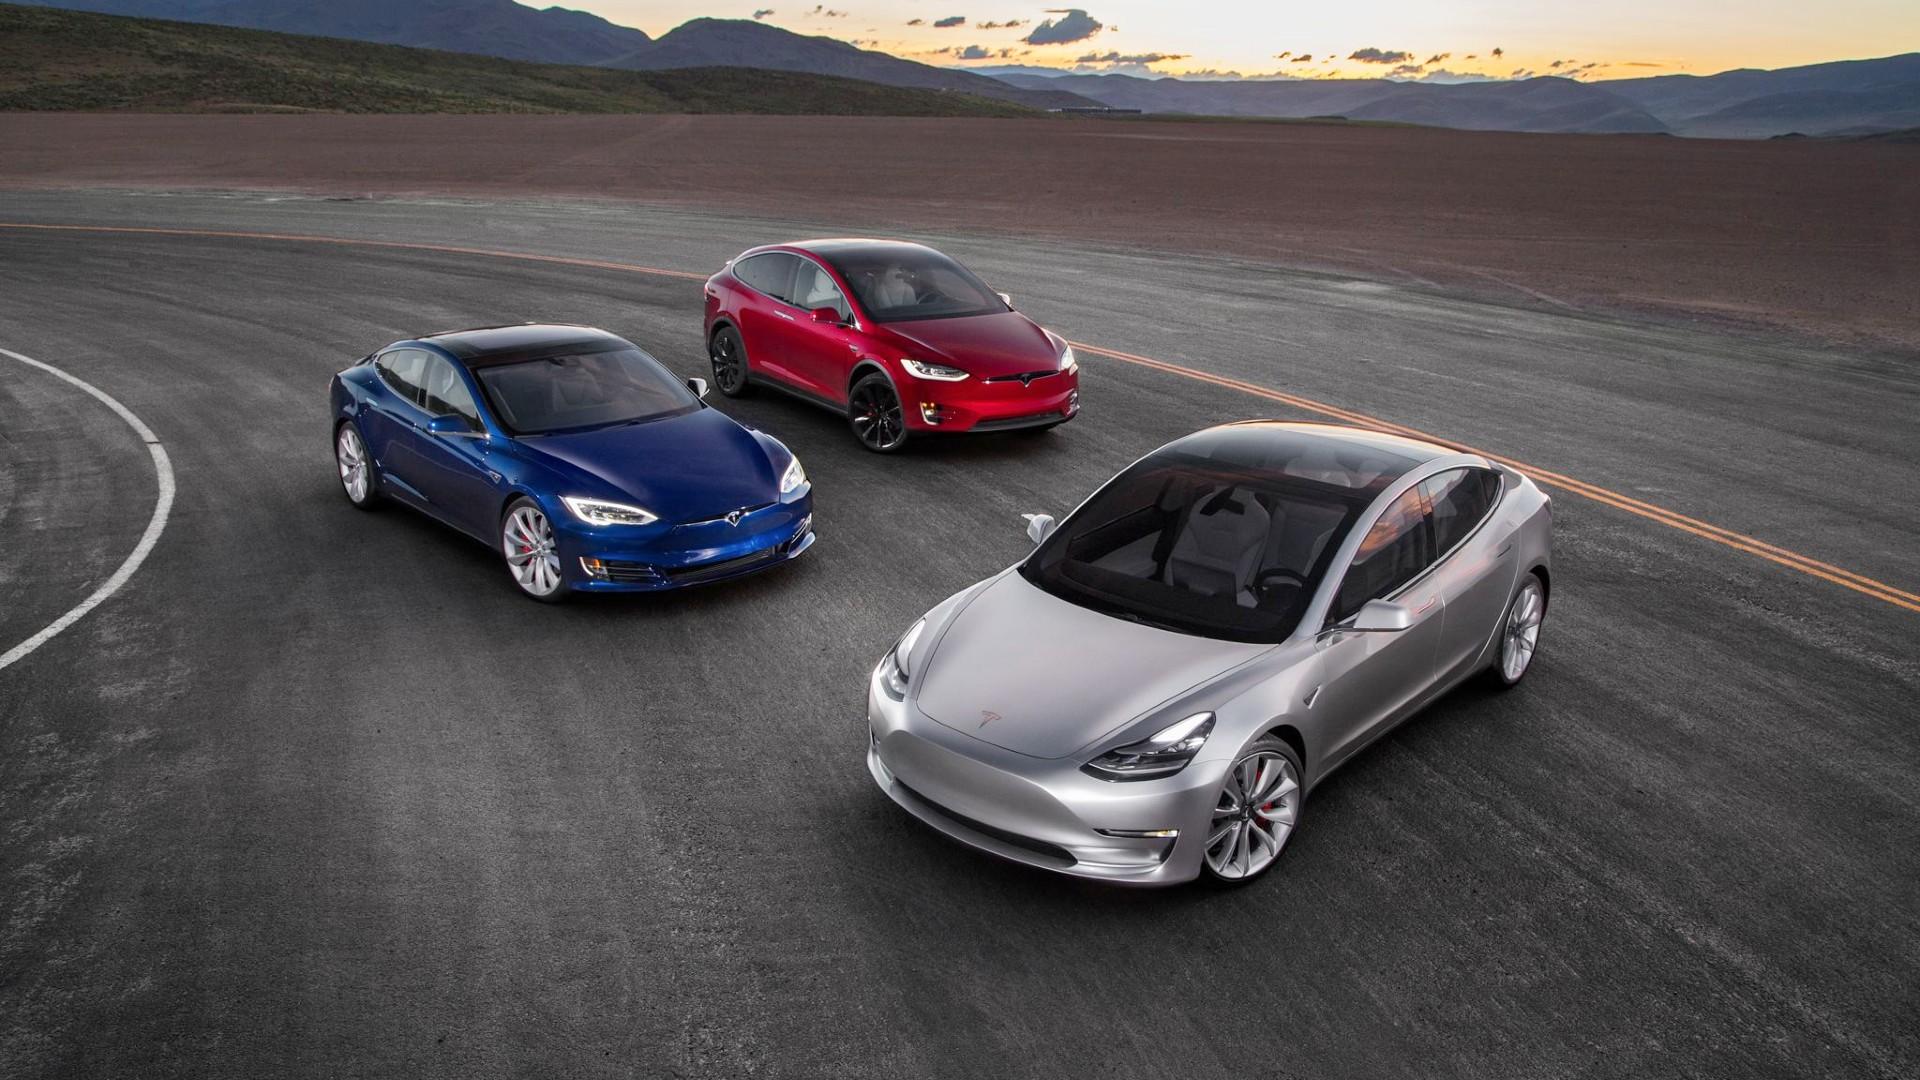 Απαγορευτικό από τον στρατό της Κίνας στα ηλεκτρικά αυτοκίνητα της Tesla